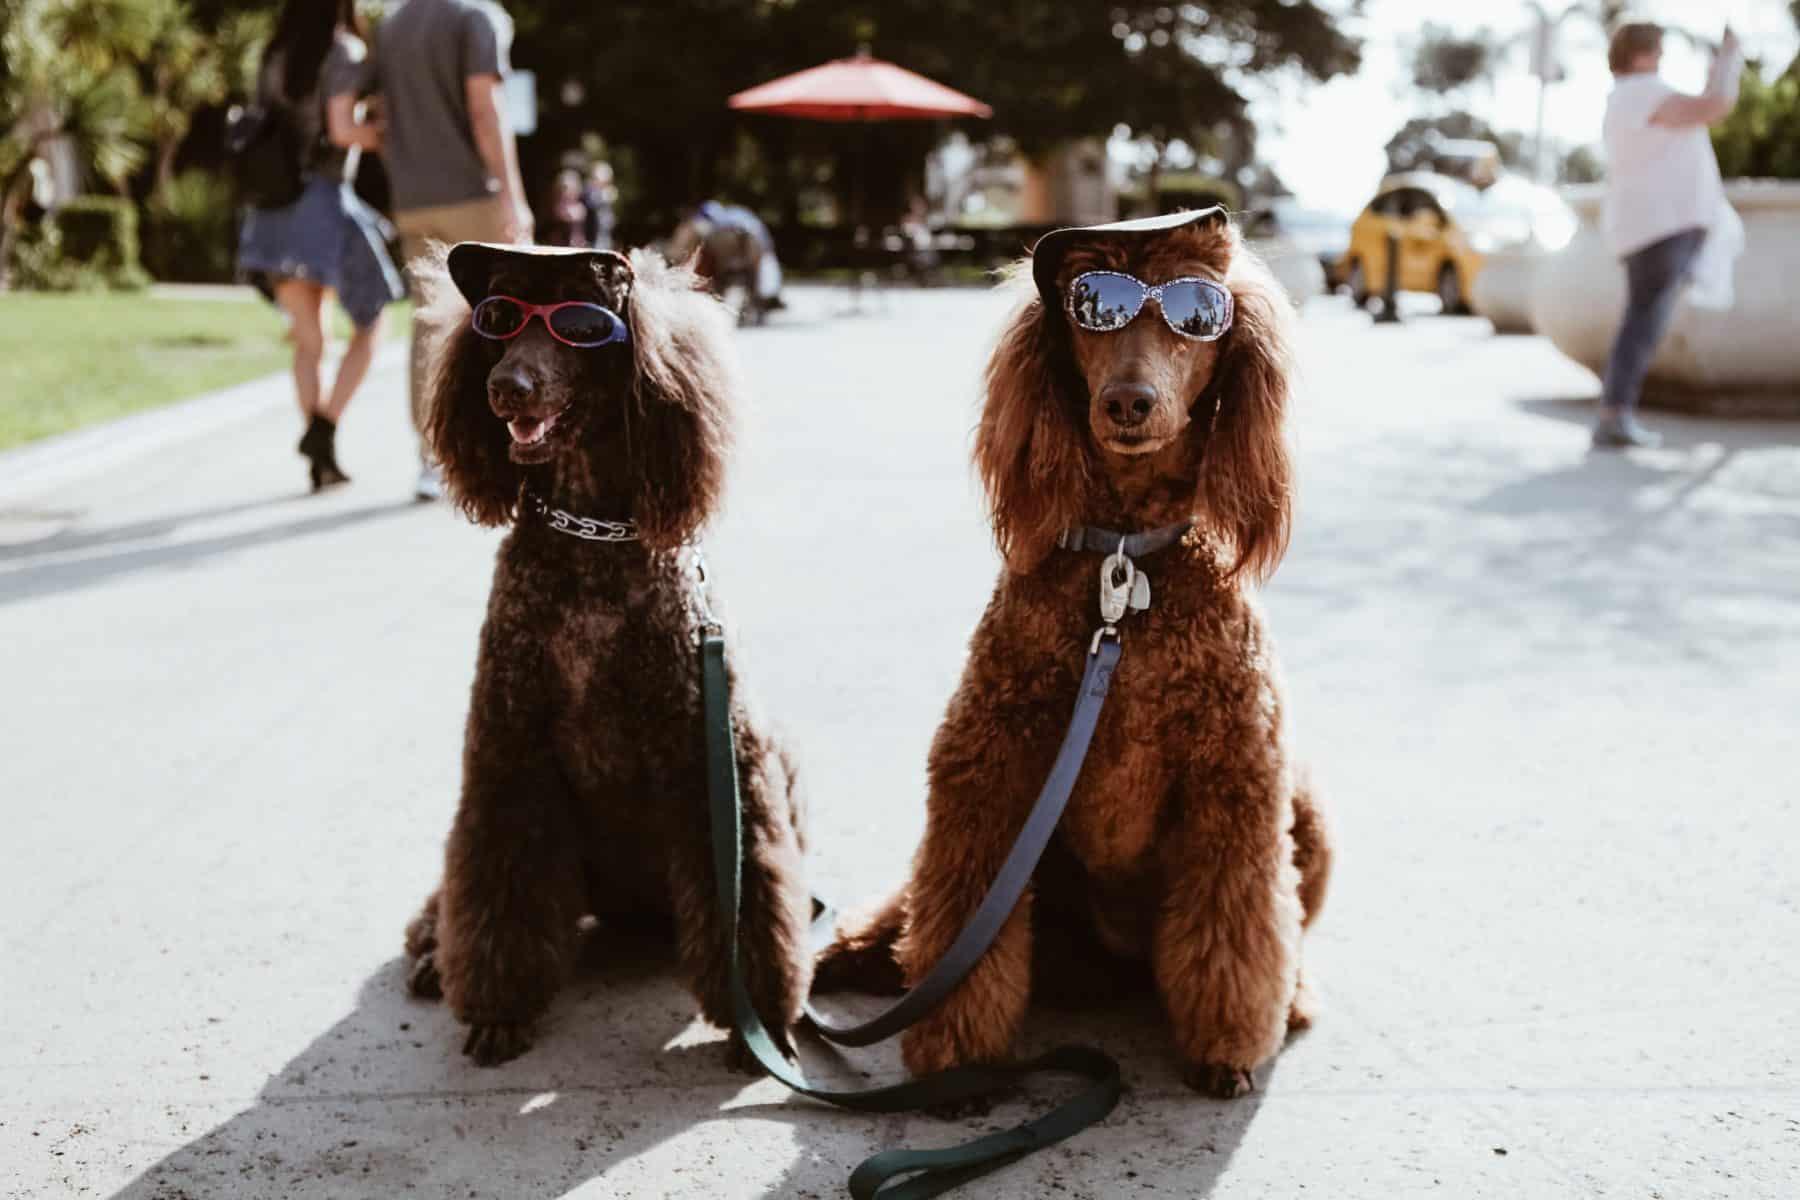 deux chiens dans la rue avec casquette et lunette